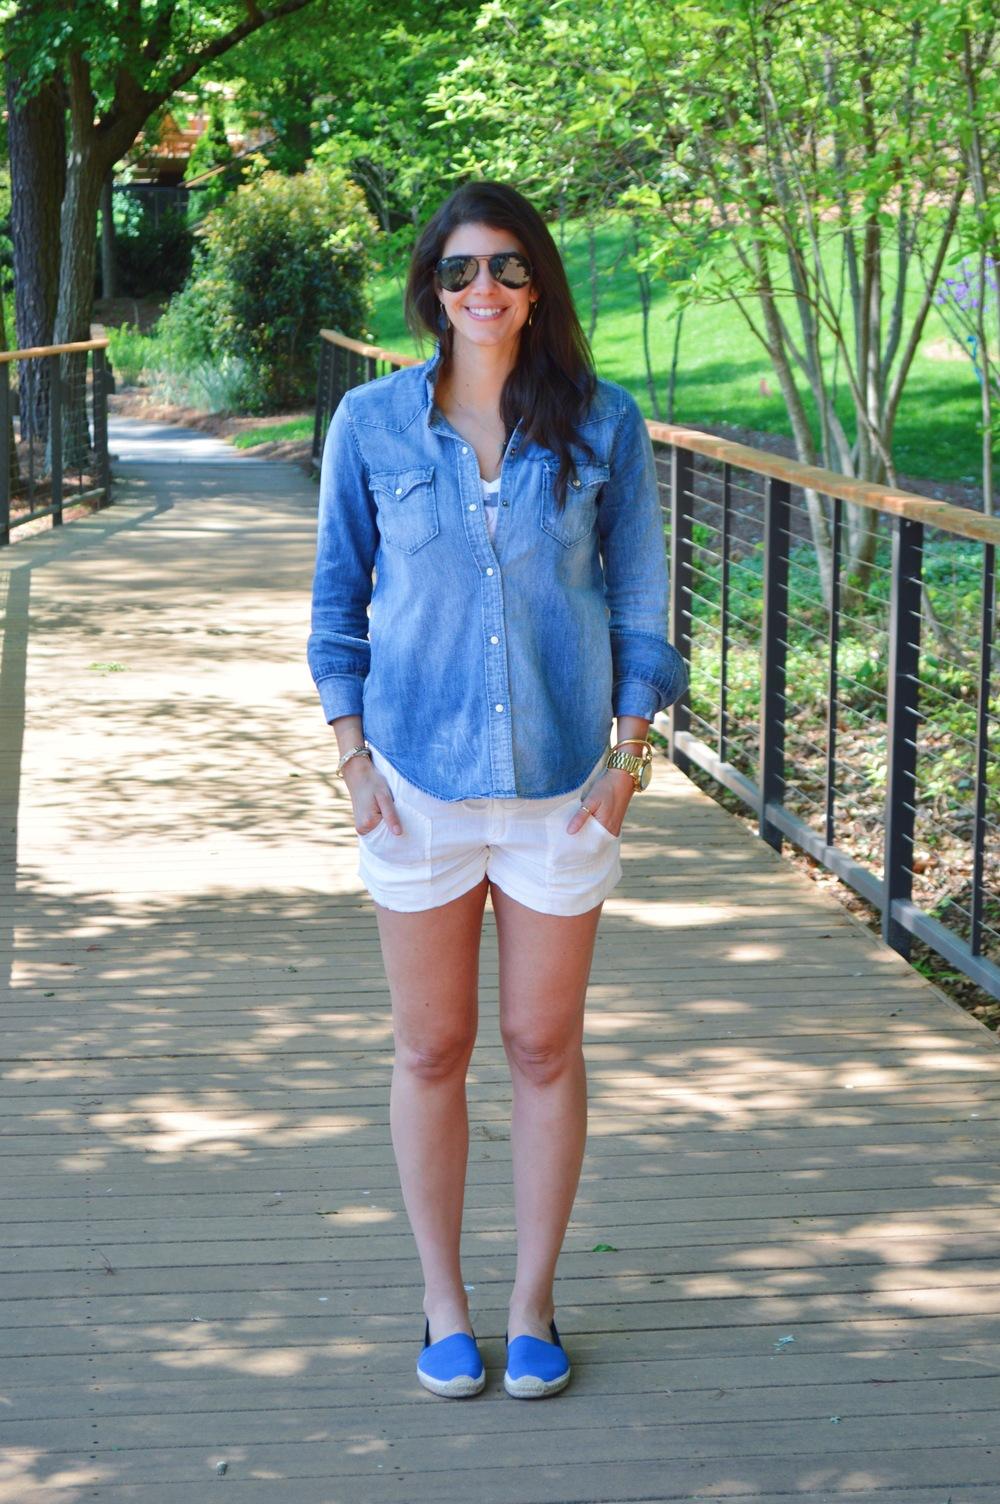 LaurenSchwaiger-Blog-Spring-Style-White-Linen-Denim-WIW.jpg